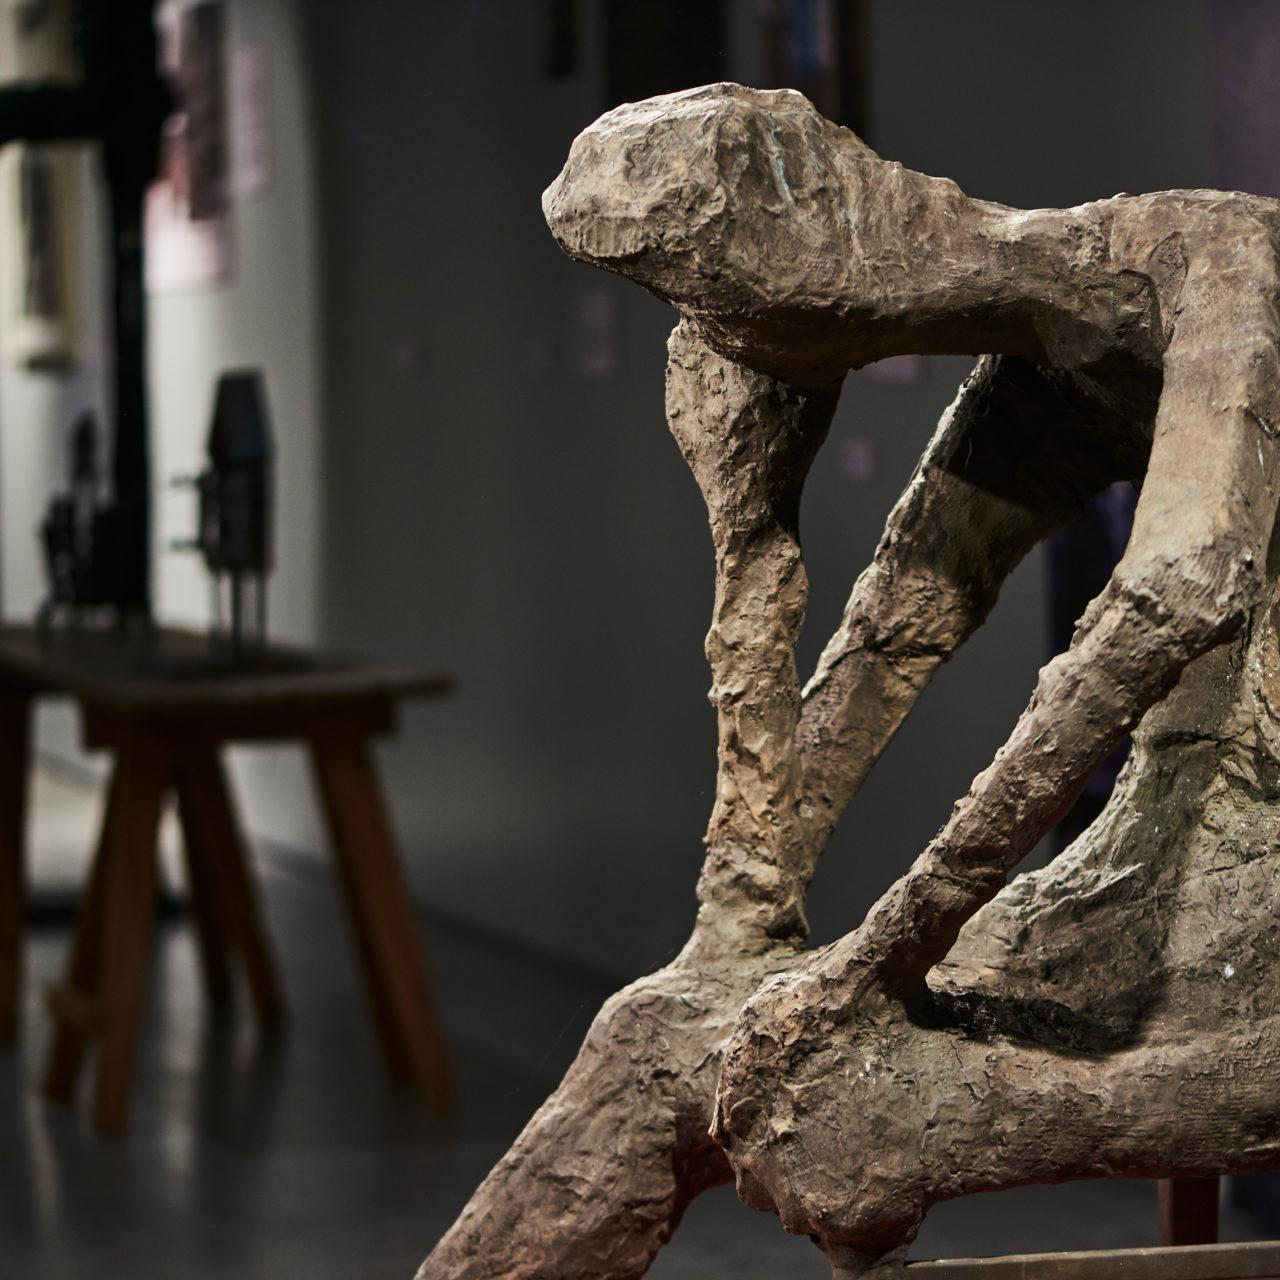 Ossi Somman näyttelyn nimikkoteos Näinkö tässä kävikin on kookas spronssiveistos, jossa ihmishahmo istuu etukumarassa käteensä nojaten.